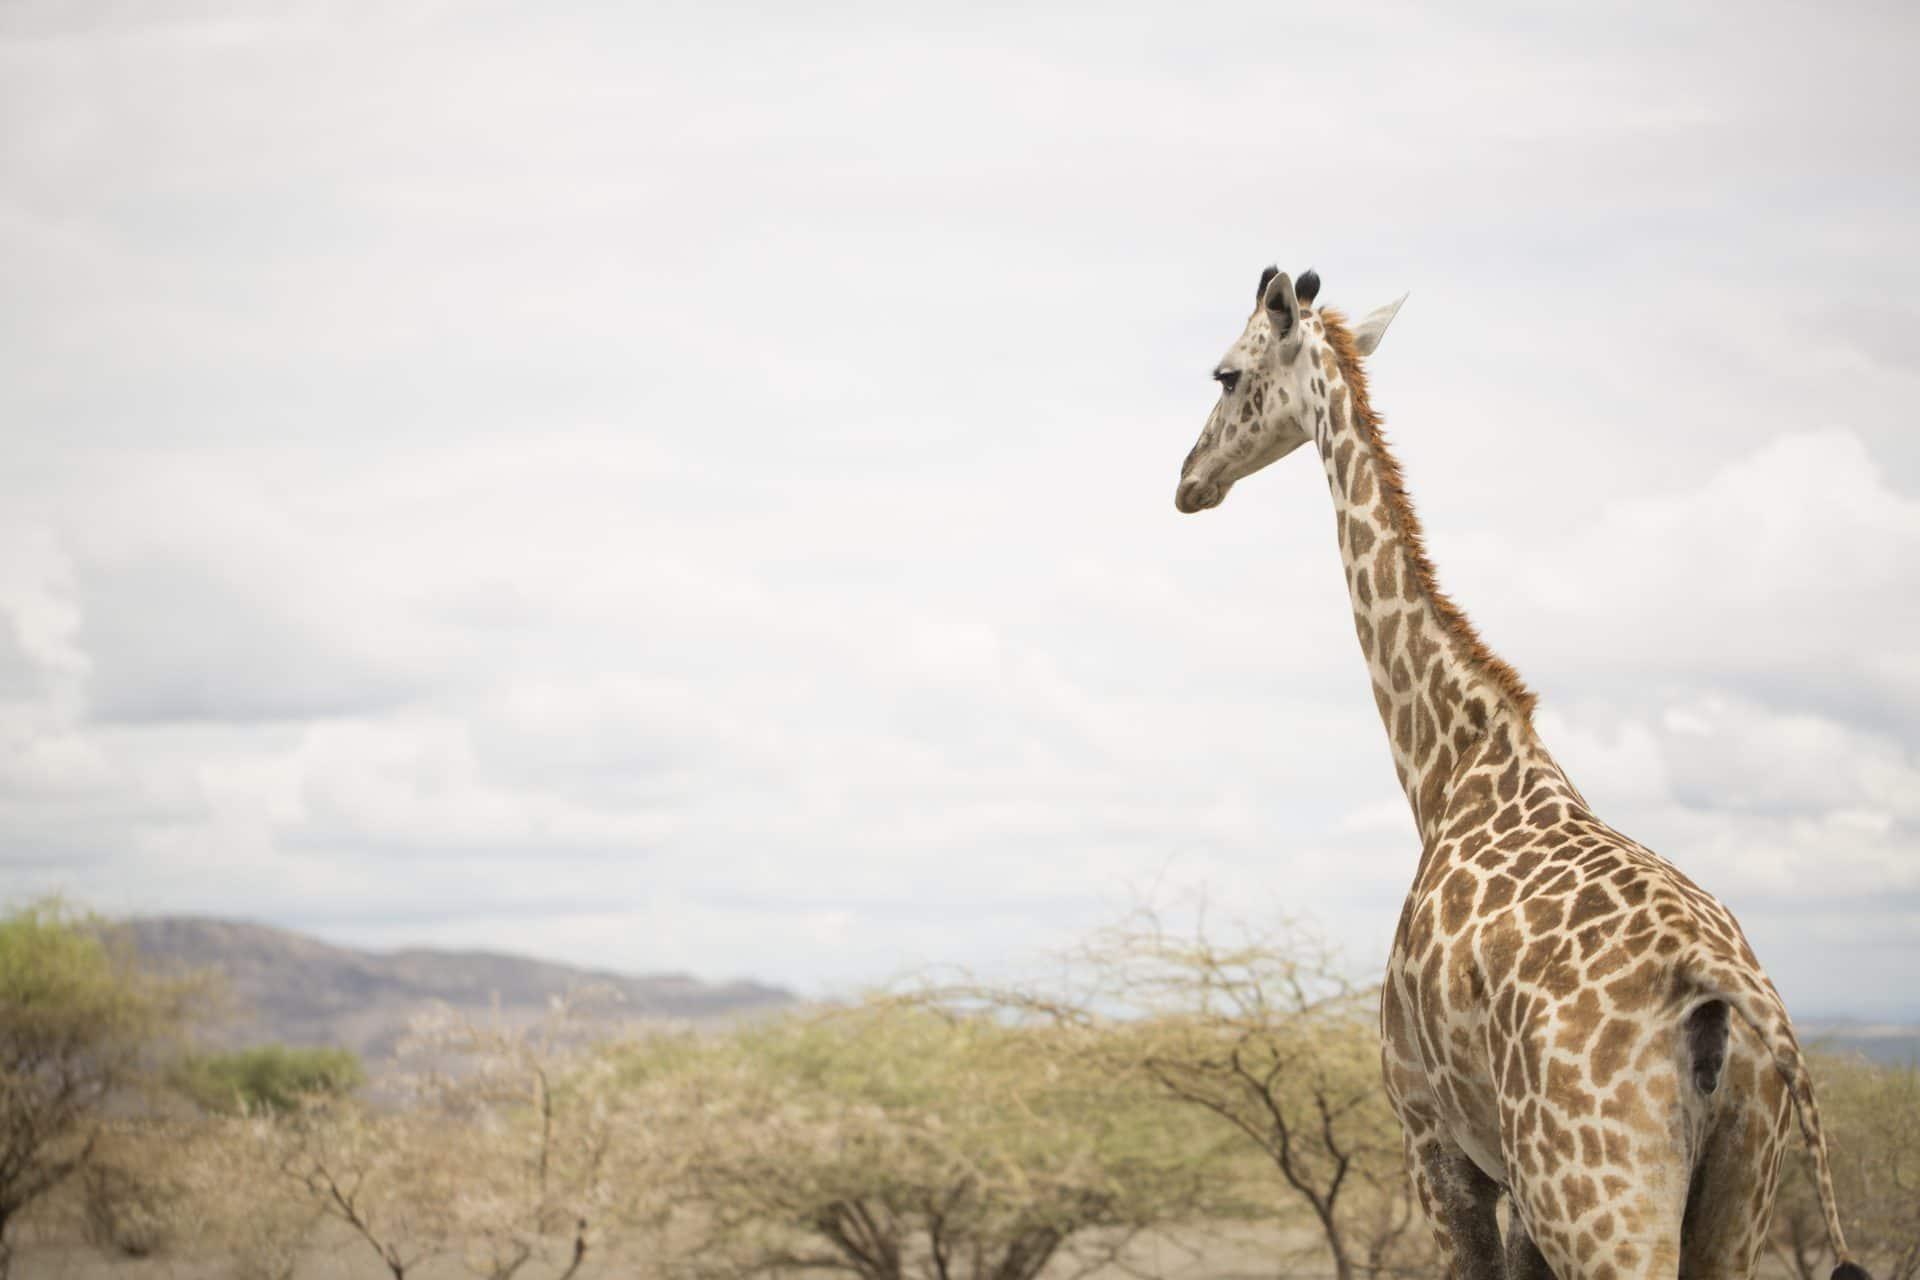 Giraffe seen on safari in Tanzania